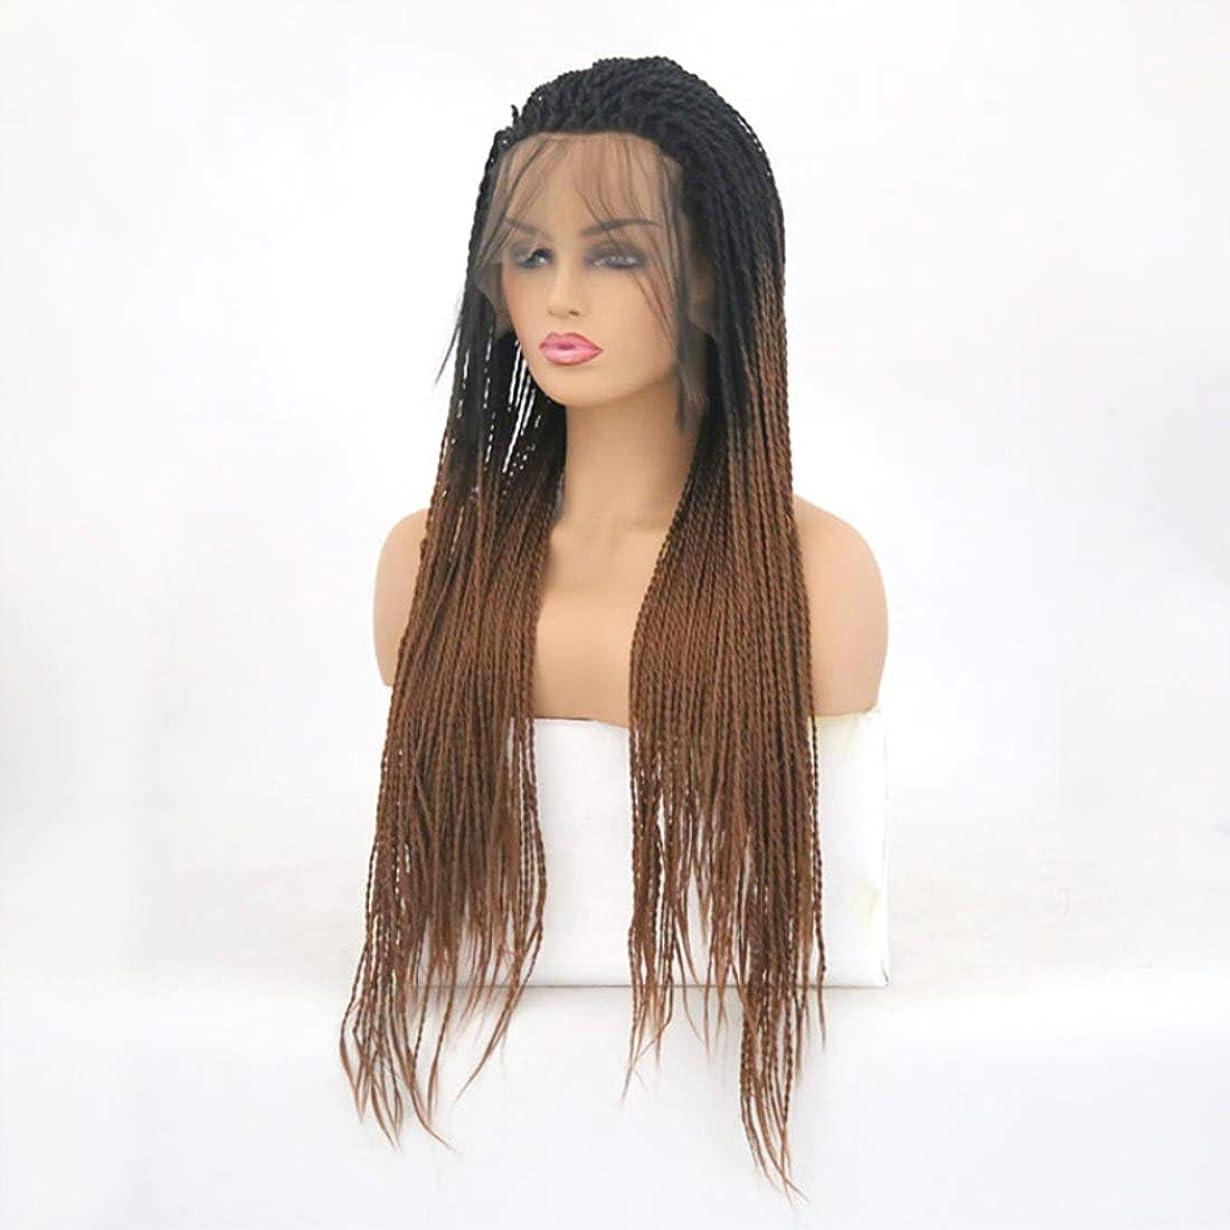 目覚めるゴールデン聖書Koloeplf ツイストブレイドかぎ針編みブレイドヘアエクステンション事前ループ女性用高温繊維